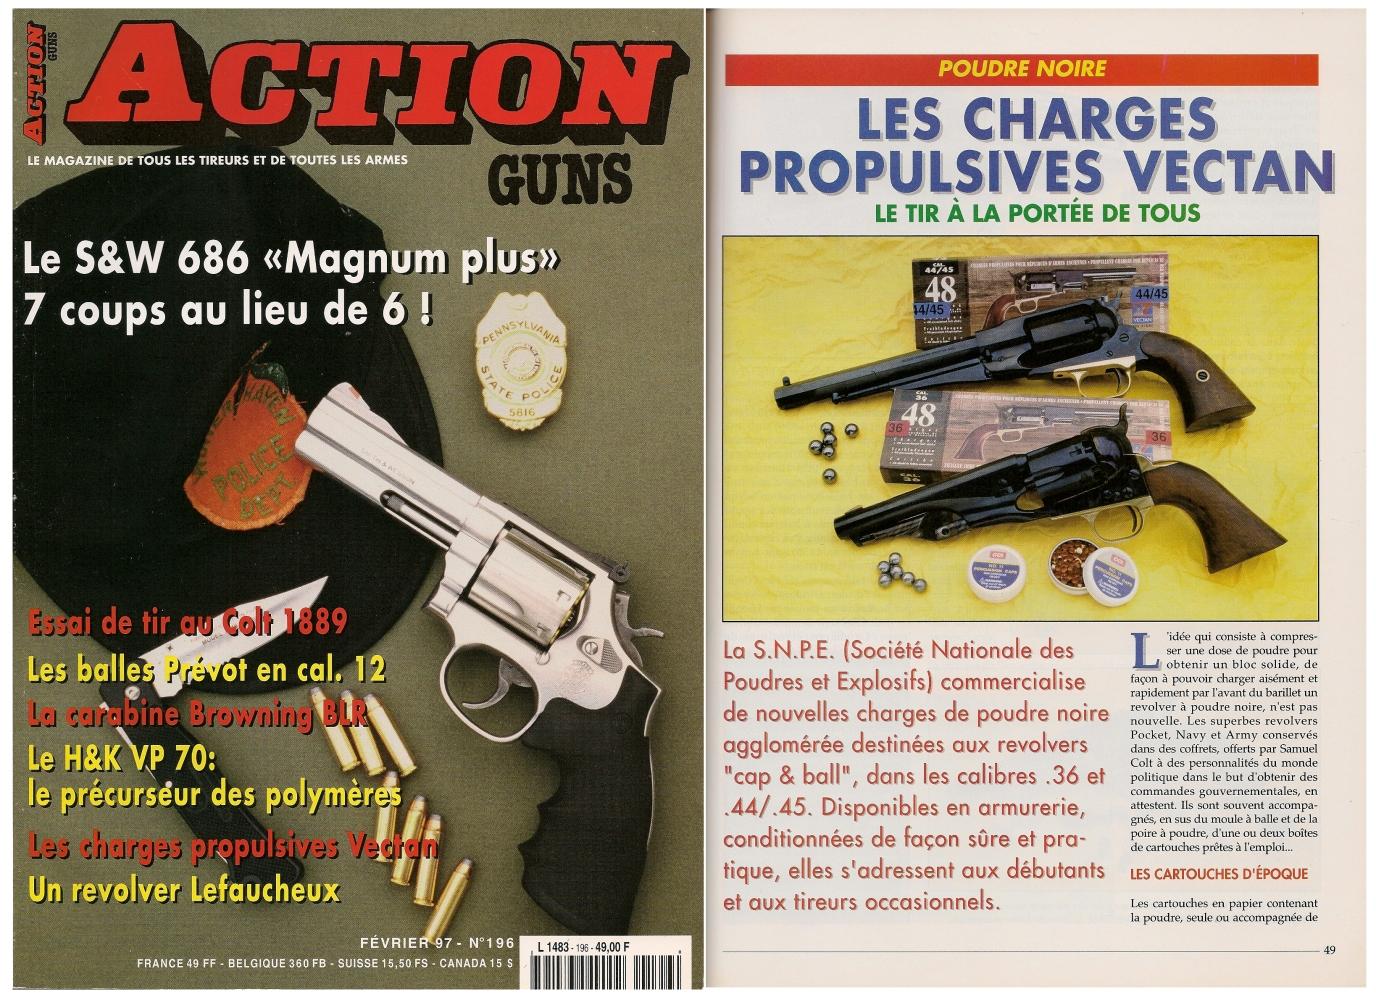 Le banc d'essai des charges propulsives Vectan en calibre .36 et .44 a été publié sur 5 pages dans le magazine Action Guns n° 196 (février 1997).